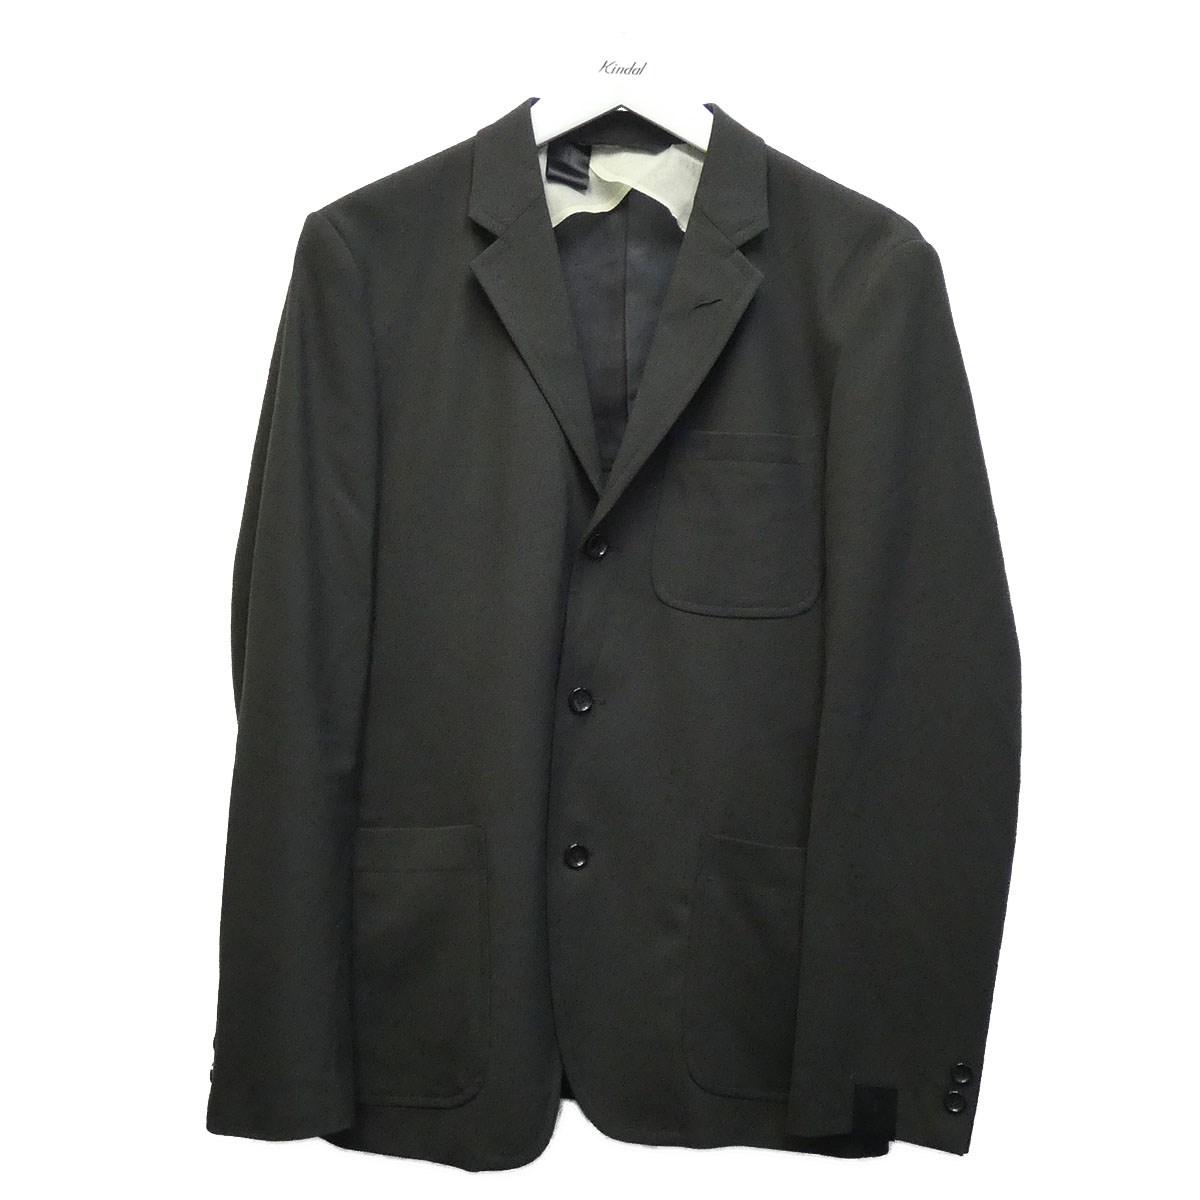 【中古】N.HOOLYWOOD 18AW テーラードジャケット チャコールグレー サイズ:38 【270620】(エヌハリウッド)